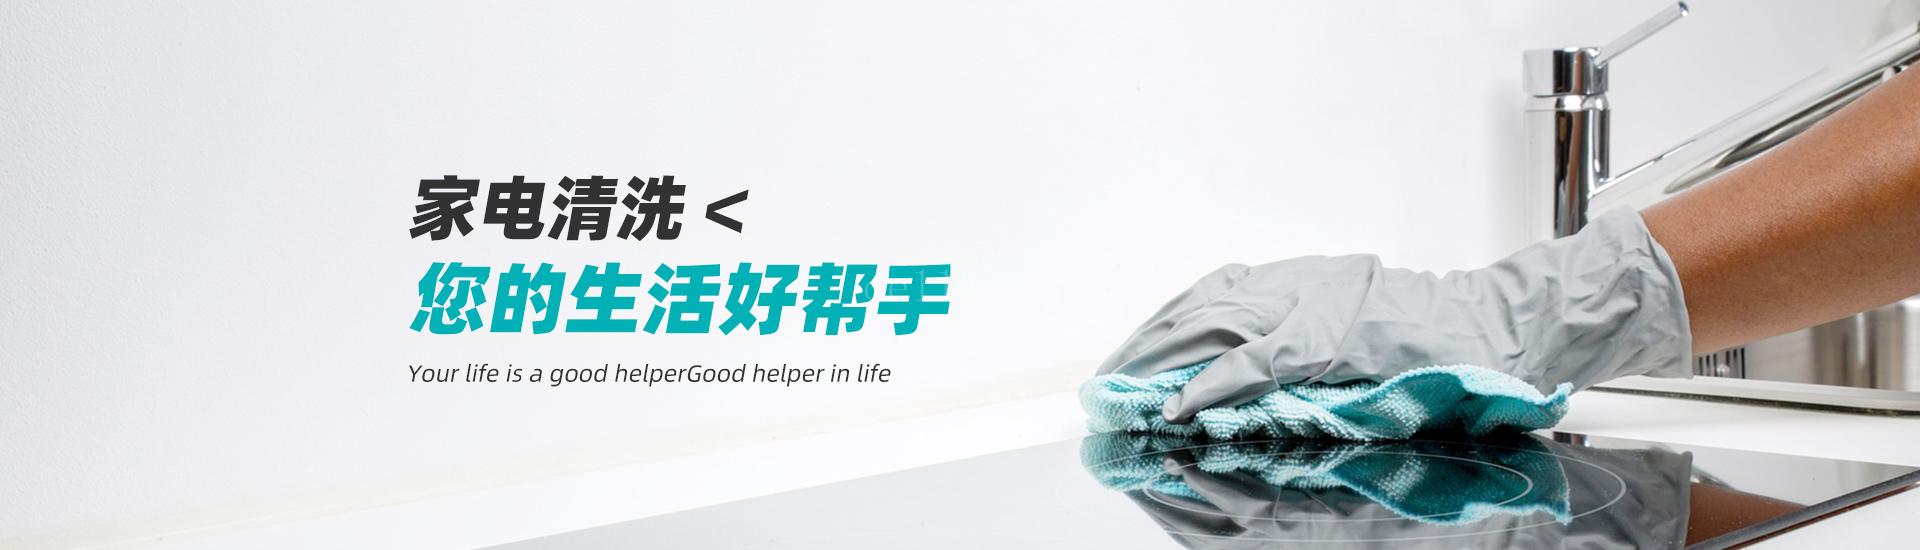 公司简介-龙岩市鑫能洁环保有限公司